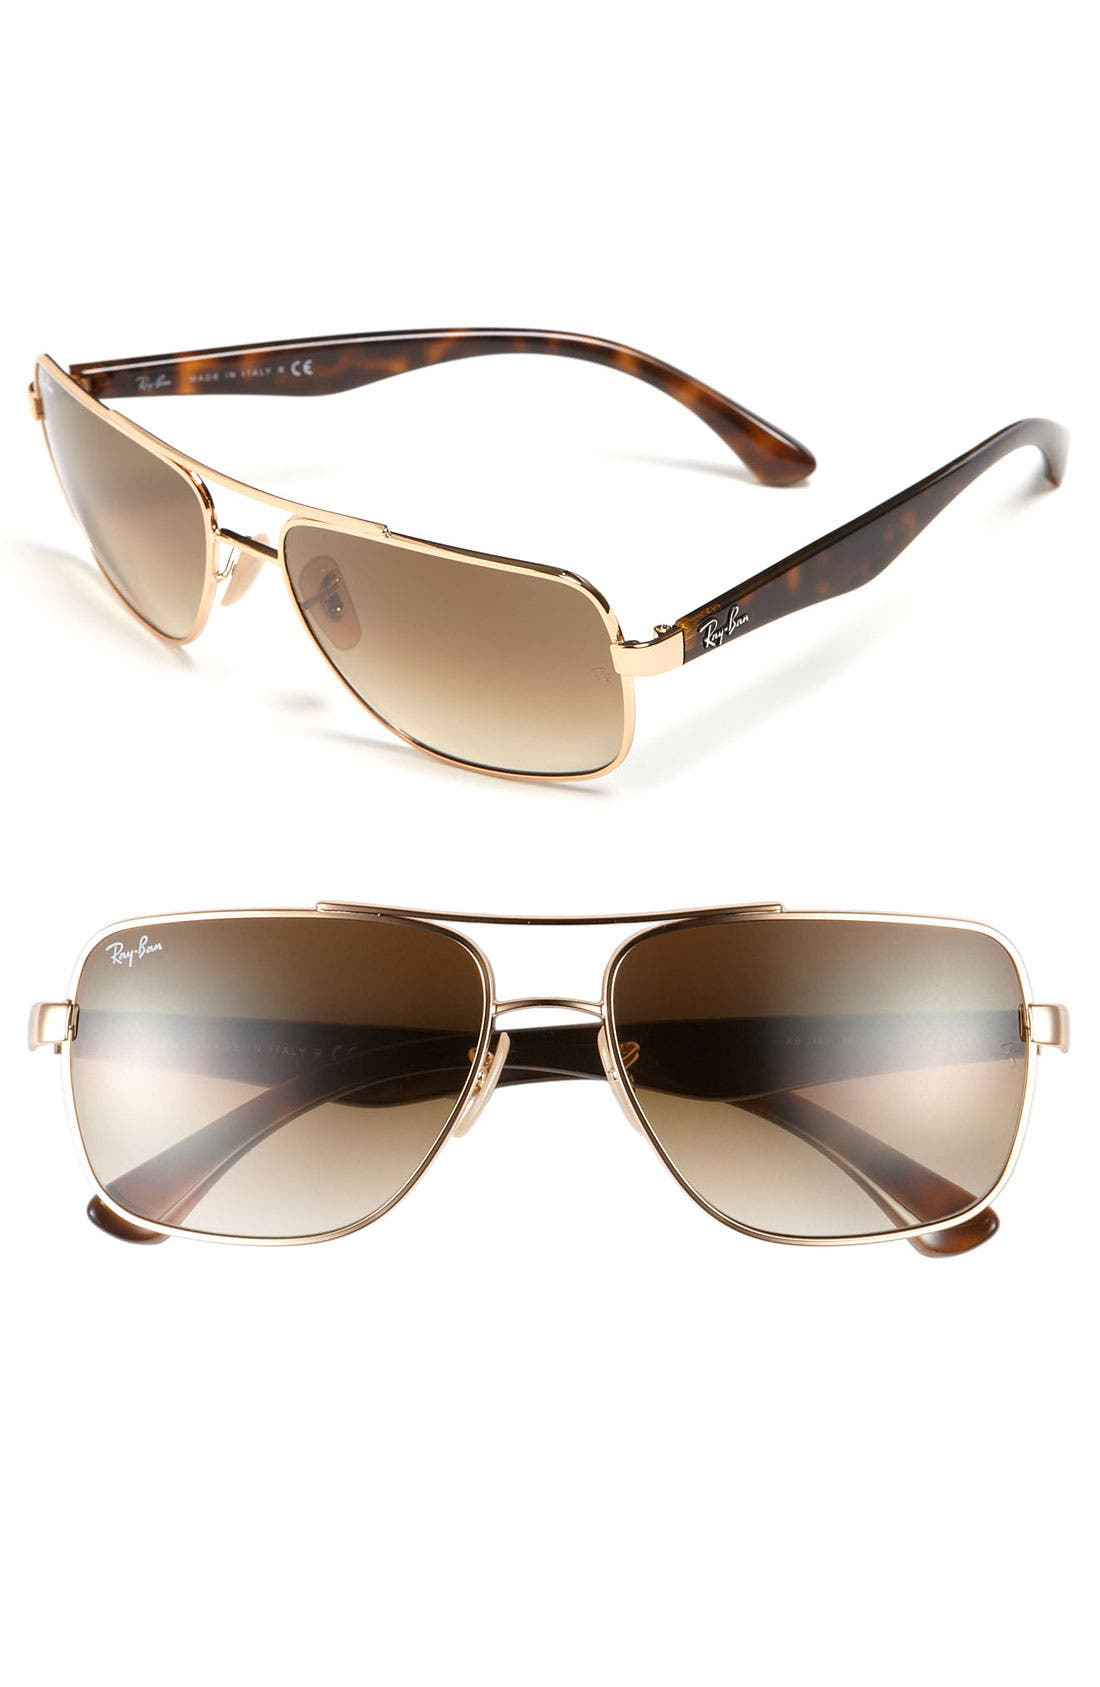 Main Image - Ray-Ban 60mm Navigator Sunglasses